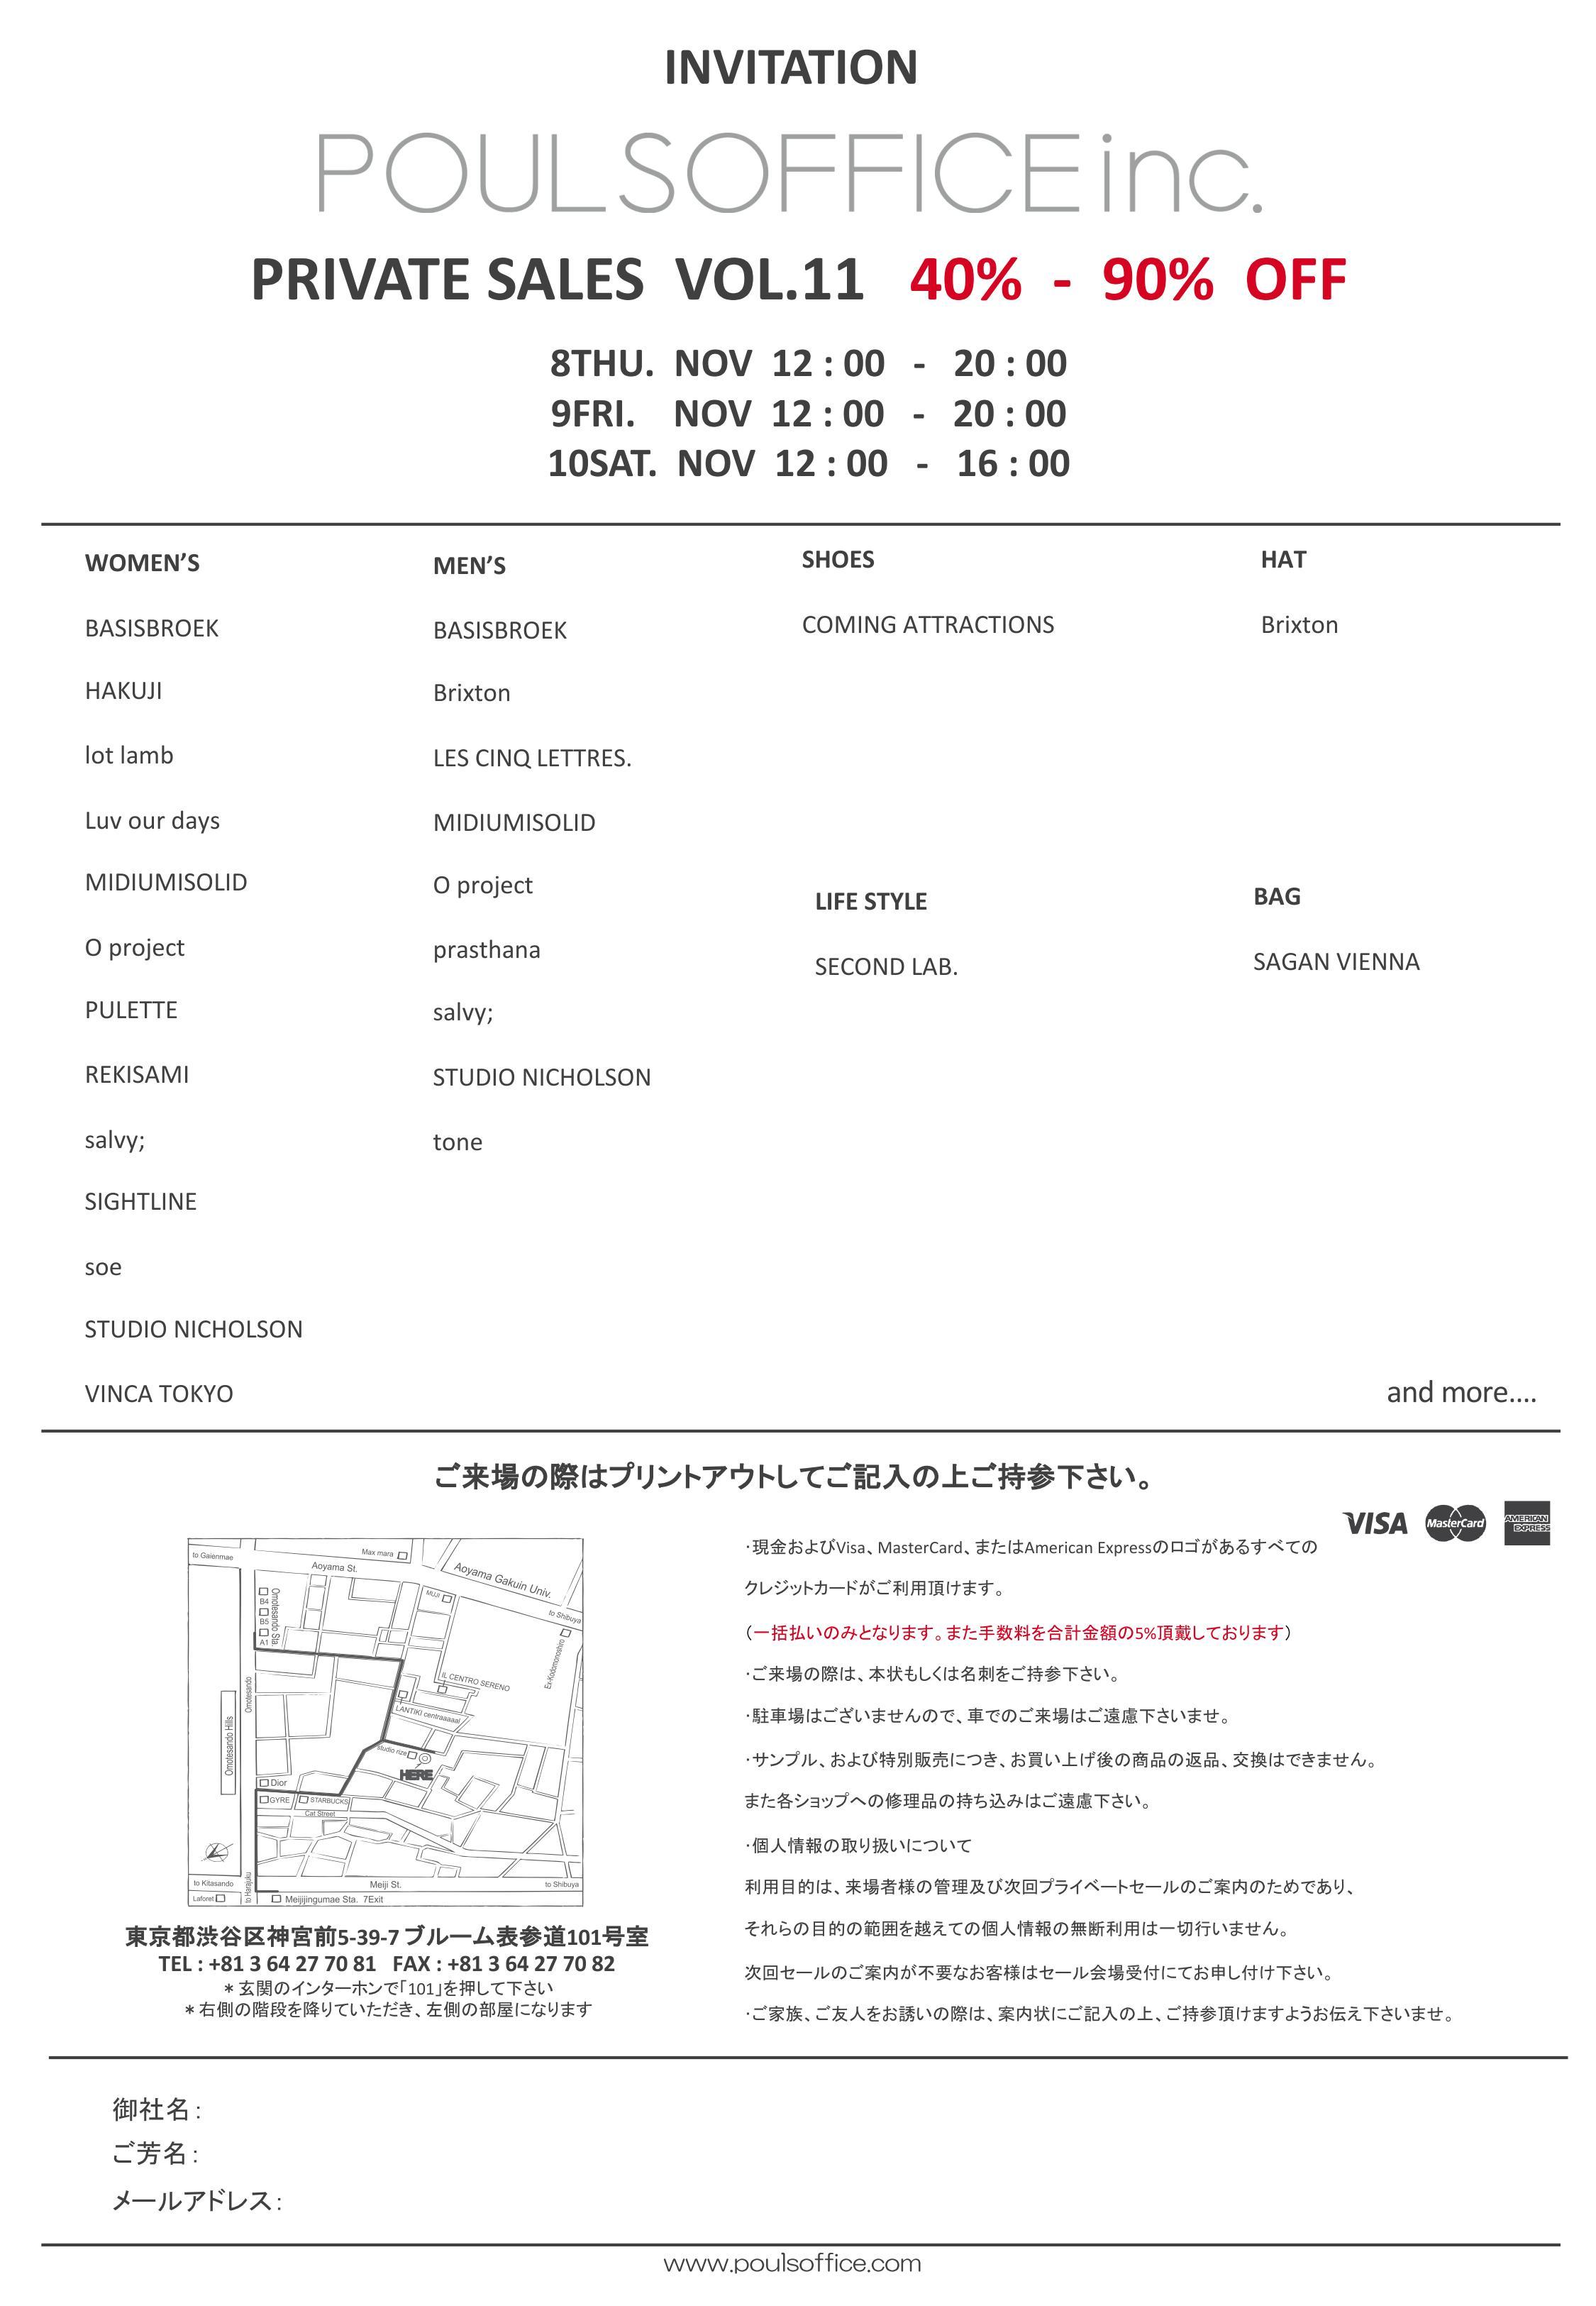 東京 POULSOFFICE inc. (プーオフィス)サンプルセール開催  11月8-10日